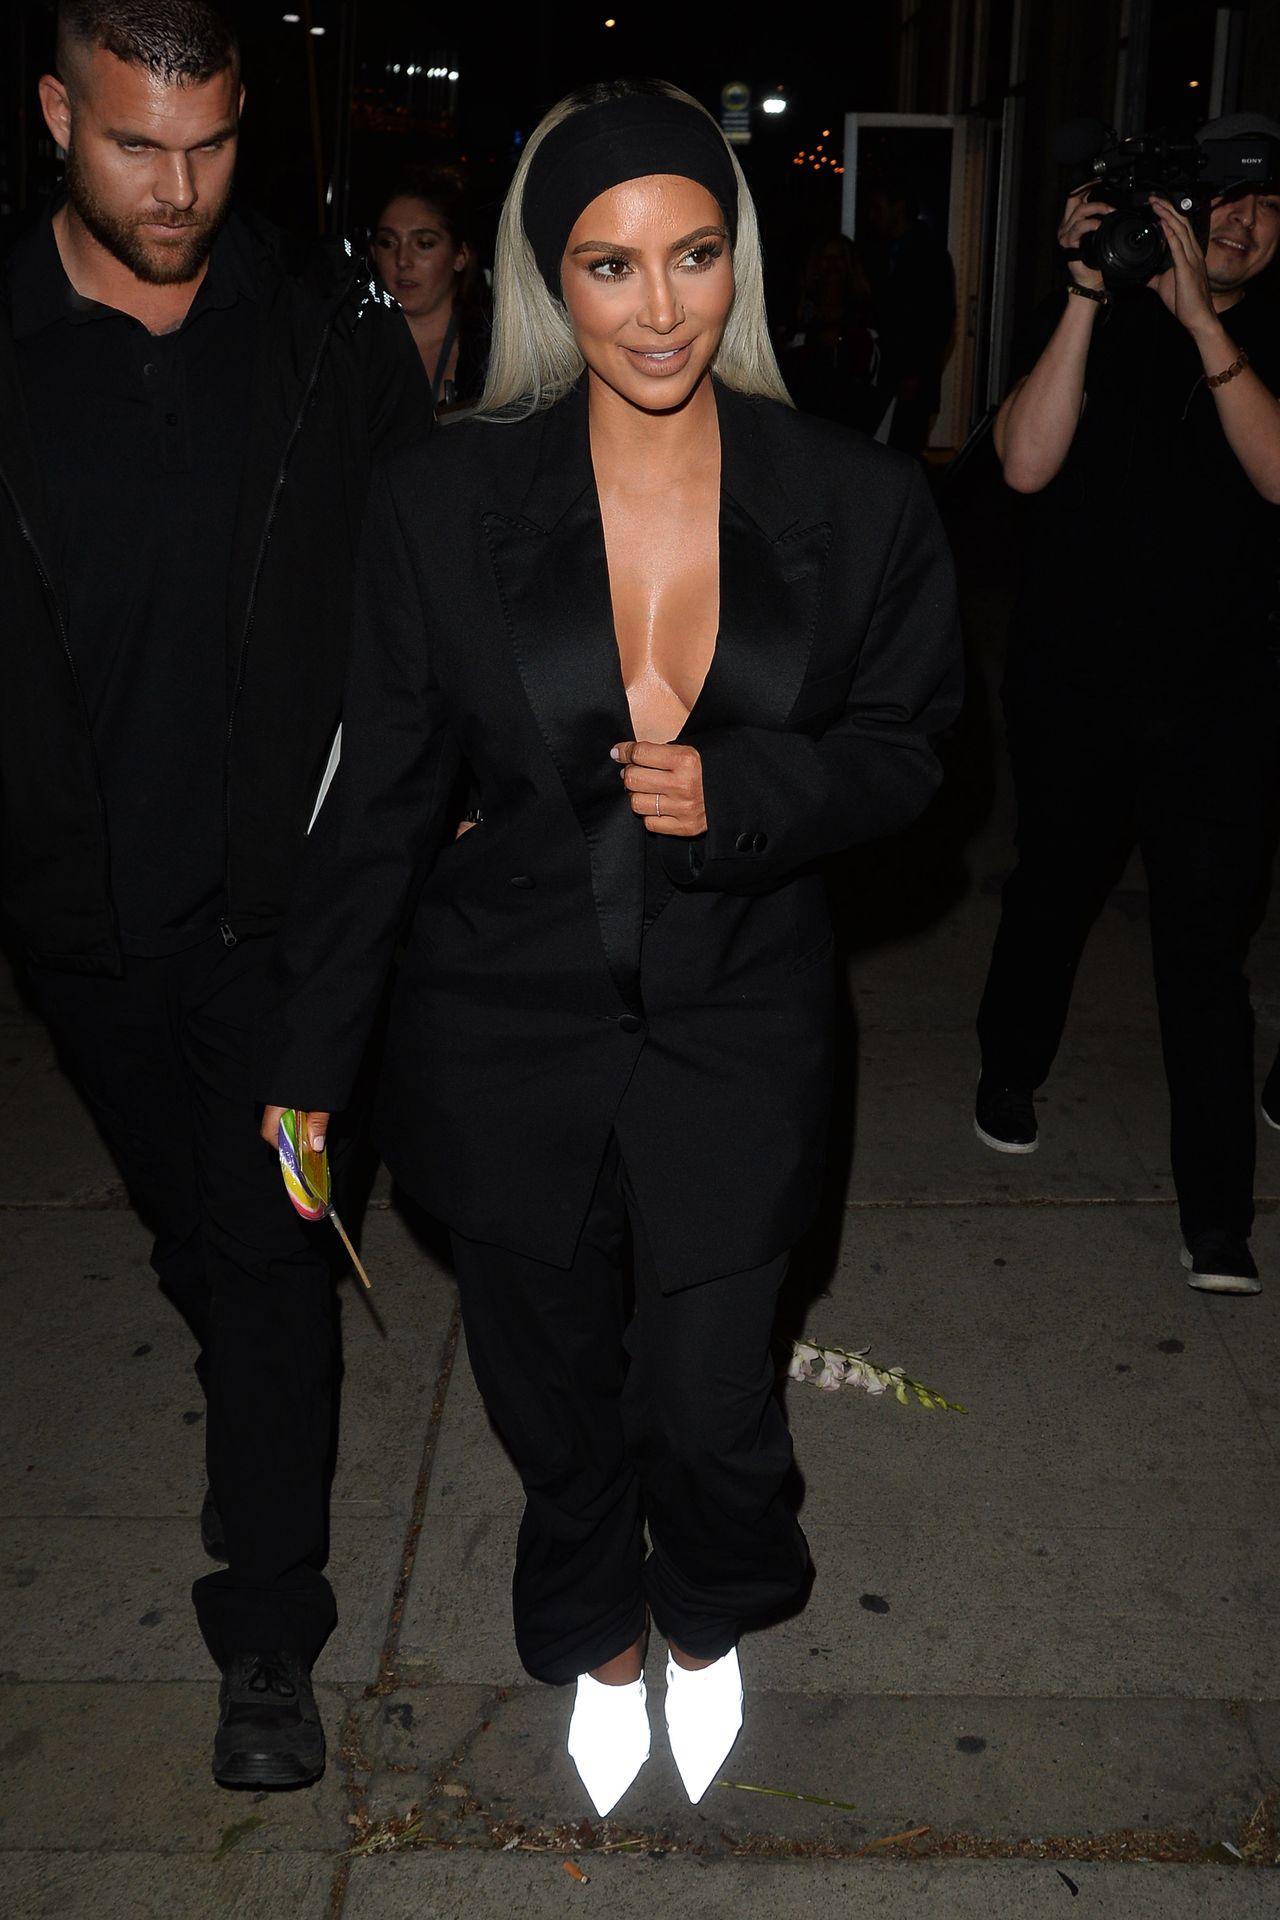 Nowa fryzura Kim Kardashian - jeszcze nie widzieliśmy jej w takim koczku